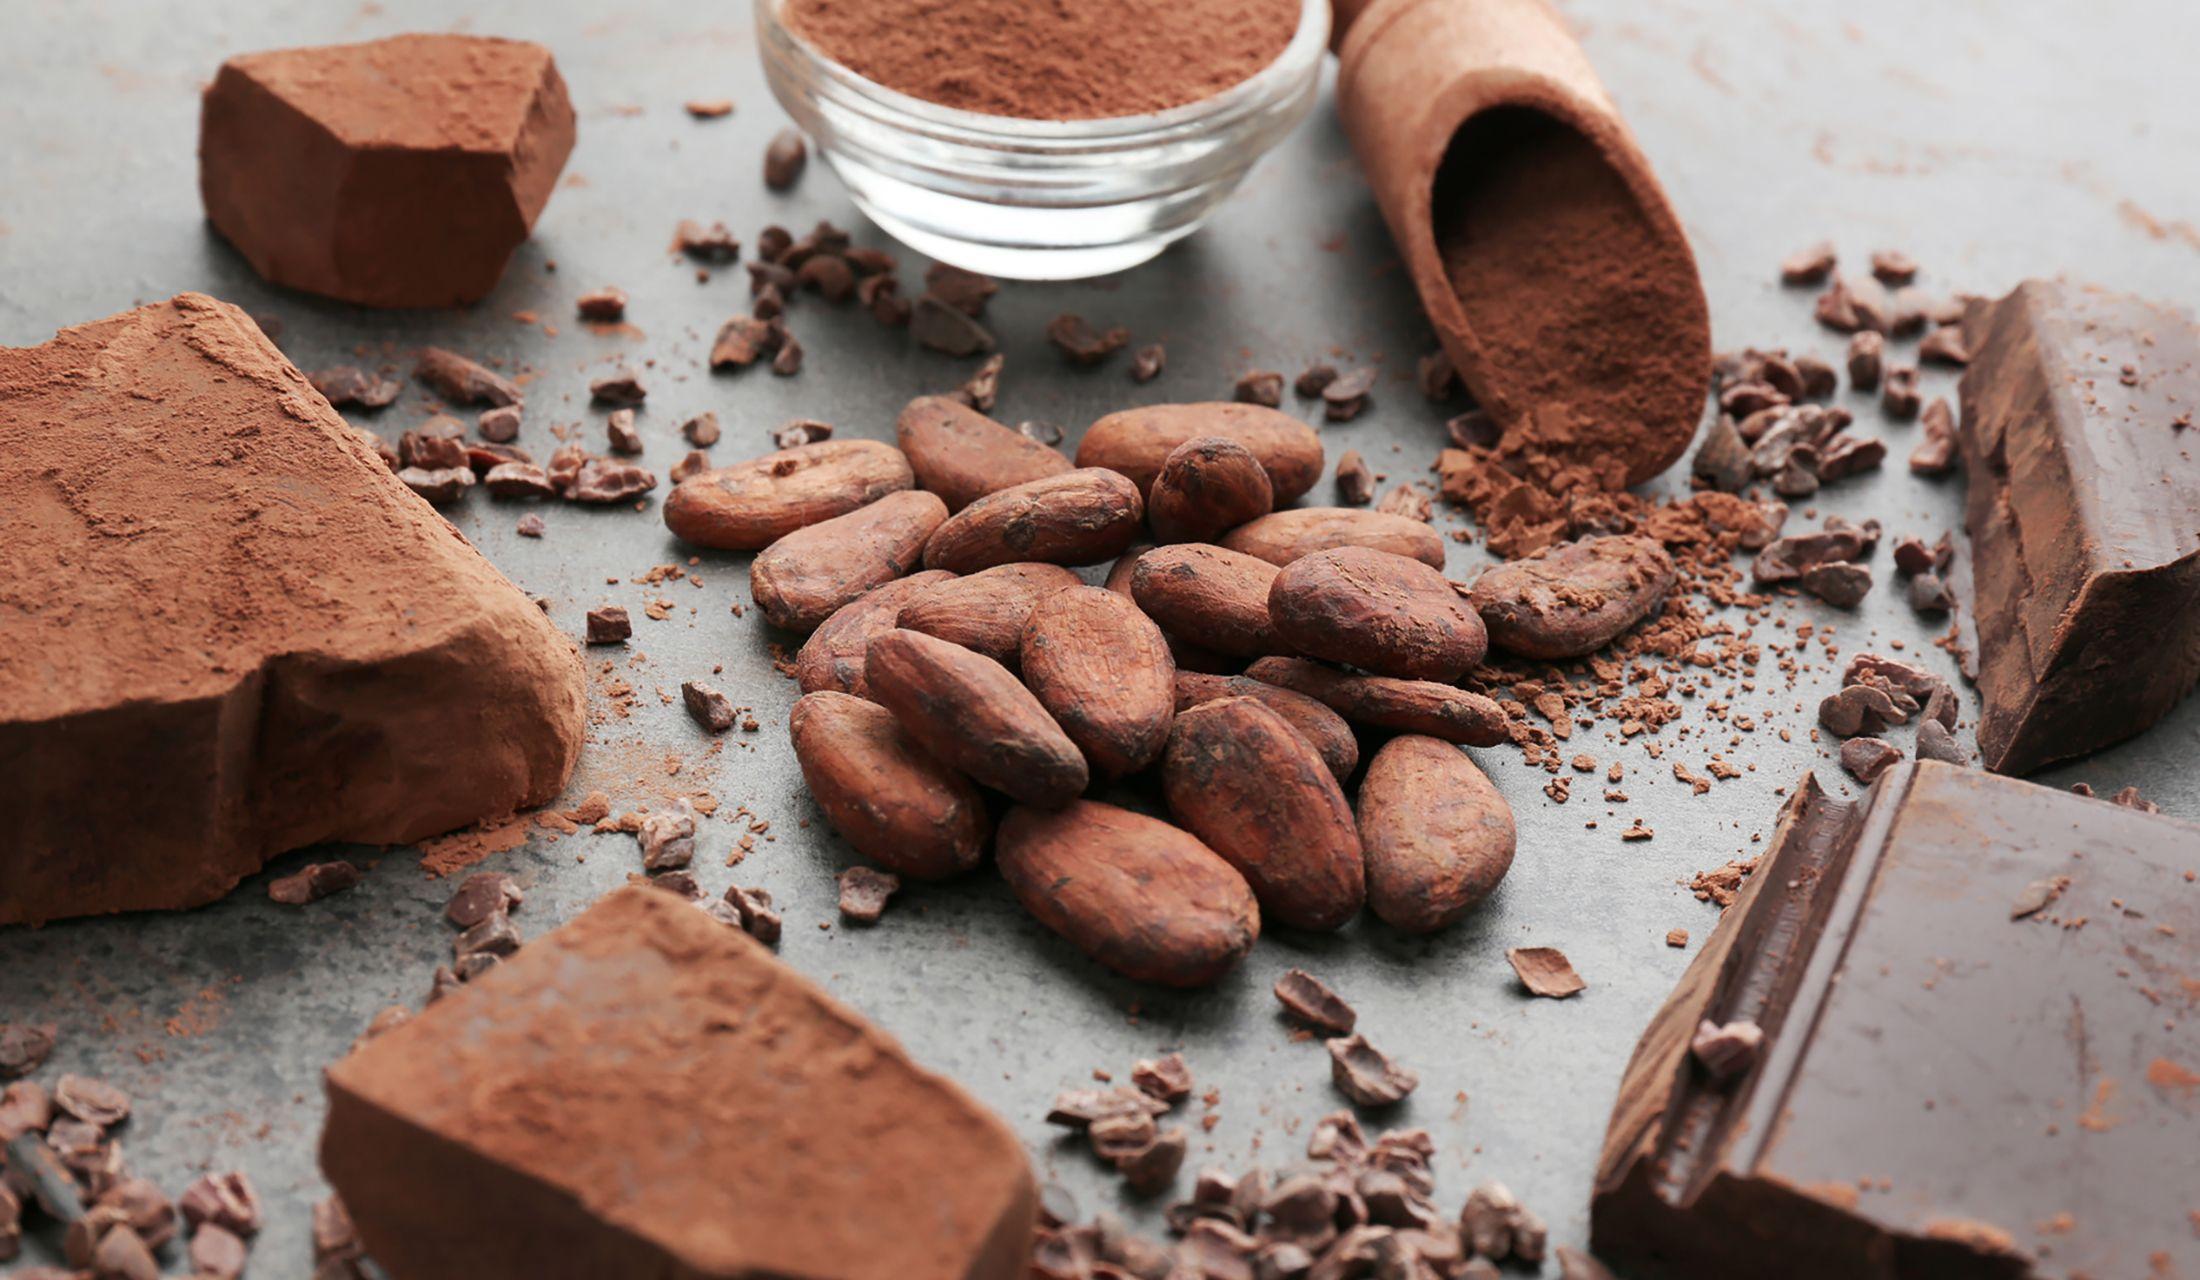 テーブルの上にある、カカオ、カカオニブ、カカオマス、カカオパウダー、チョコレート